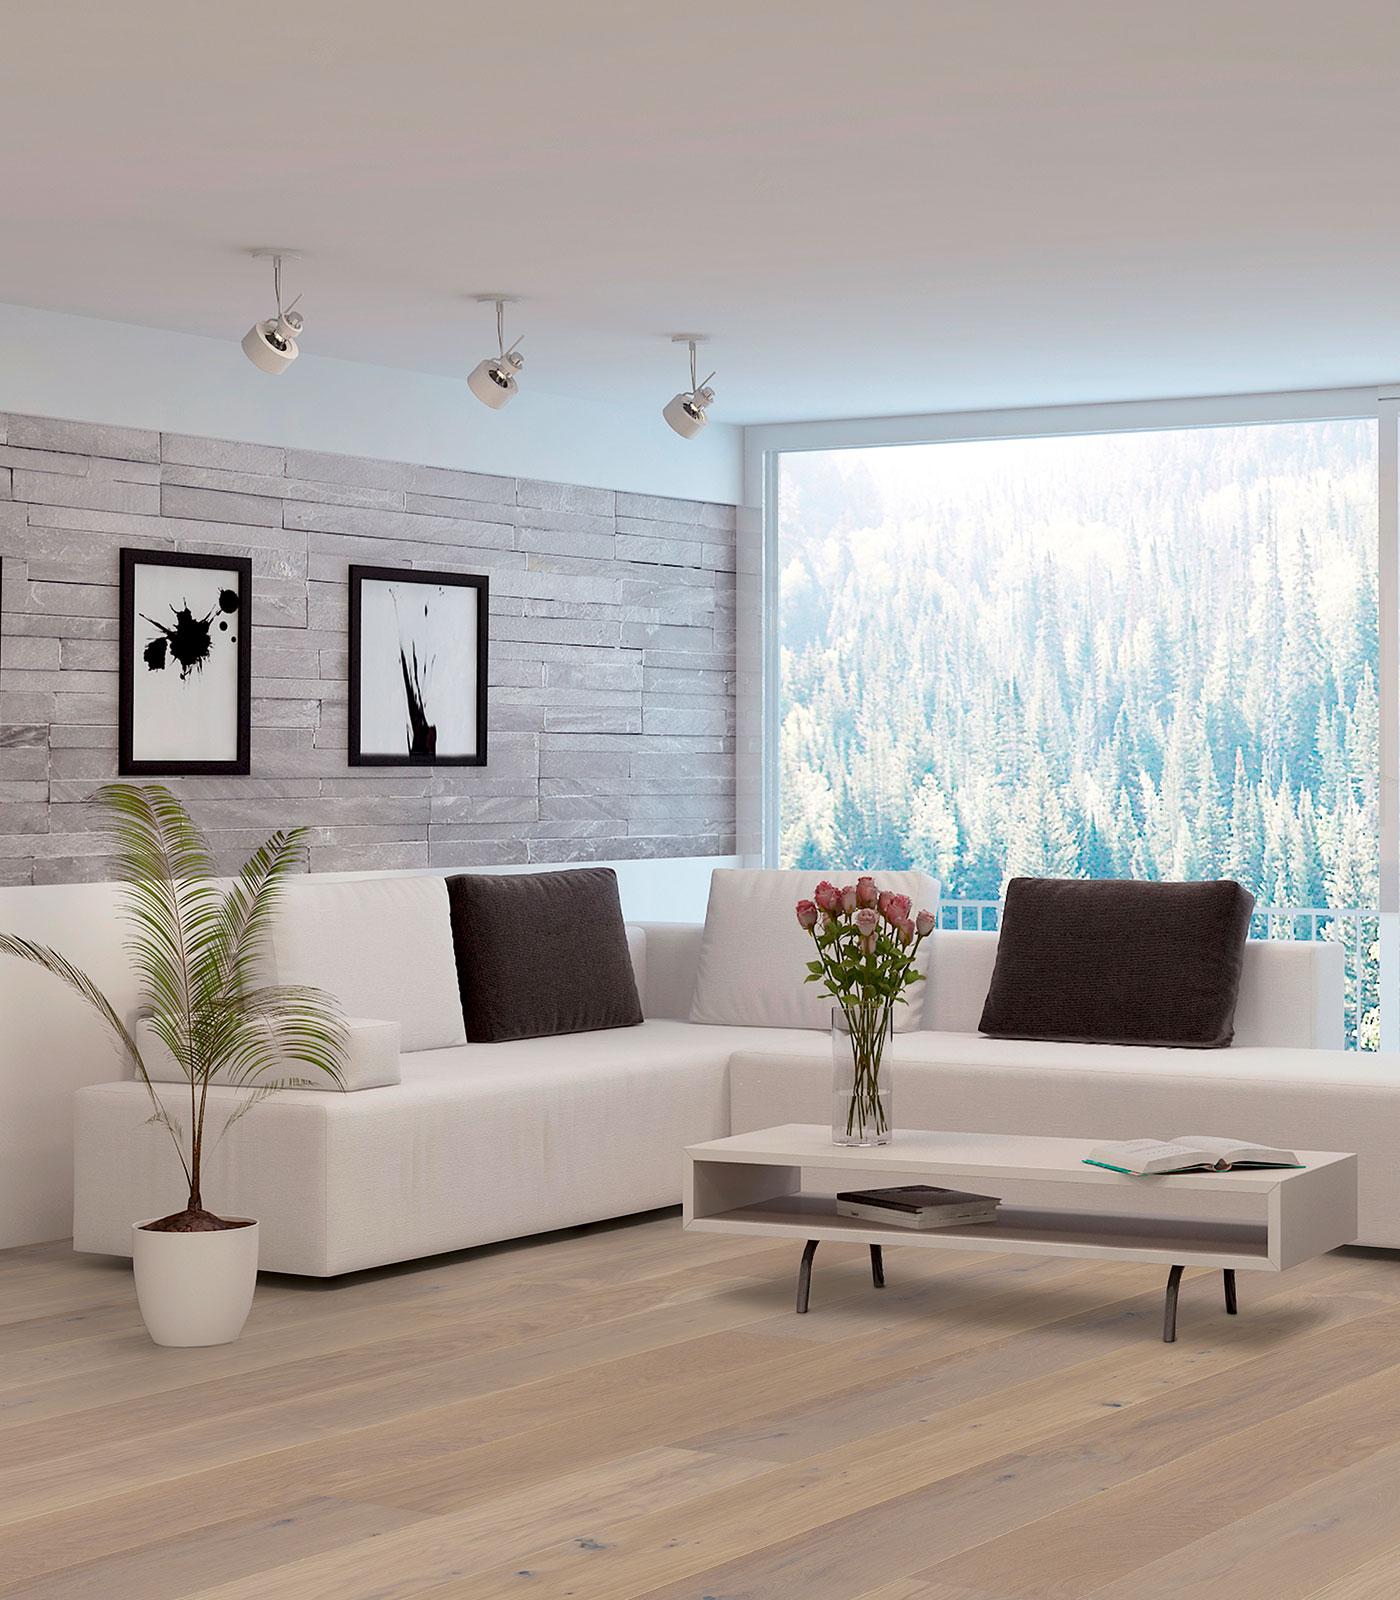 PISOS DO BRASIL - PISOS MADERA - FLOOR ART -Arctic-Room.jpg